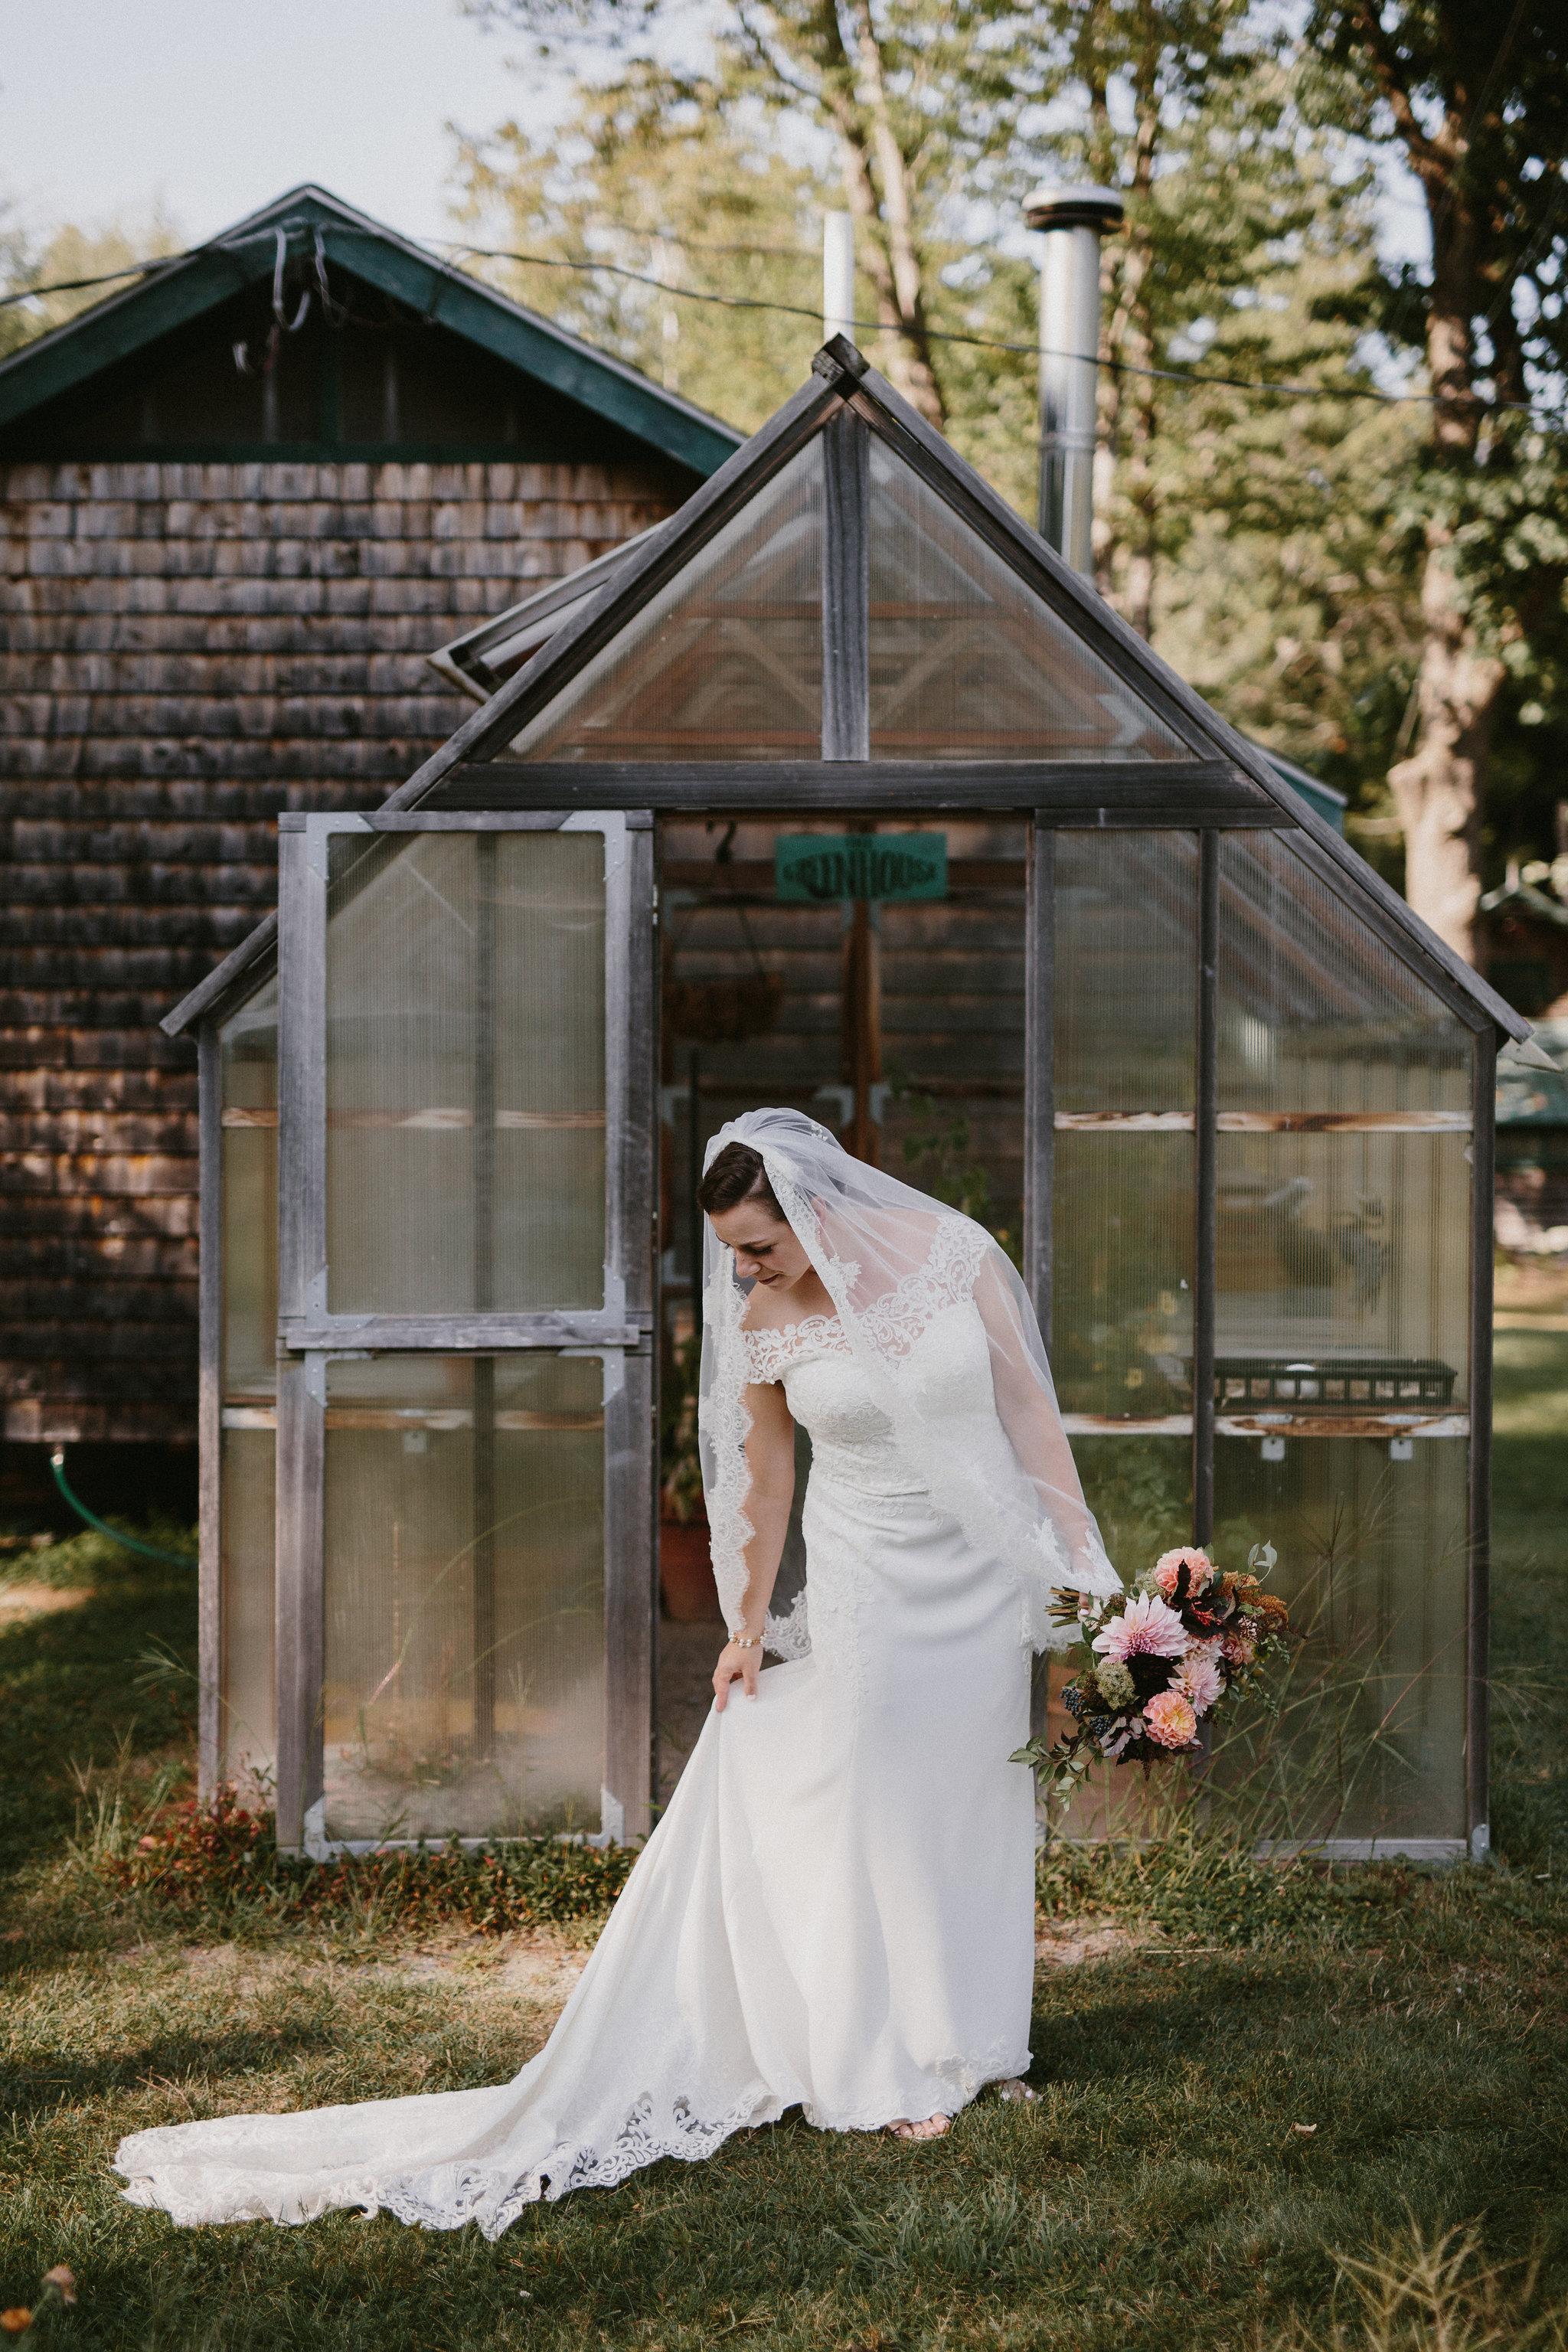 gaddes-jablonowski-wedding-507.jpg